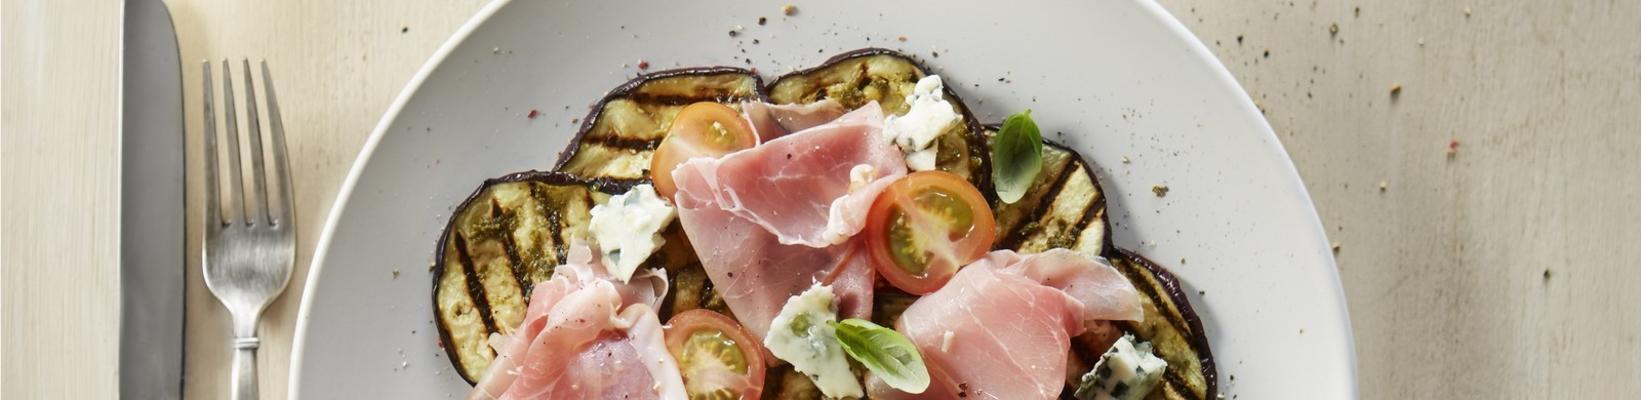 aubergine carpaccio with raw ham and roquefort